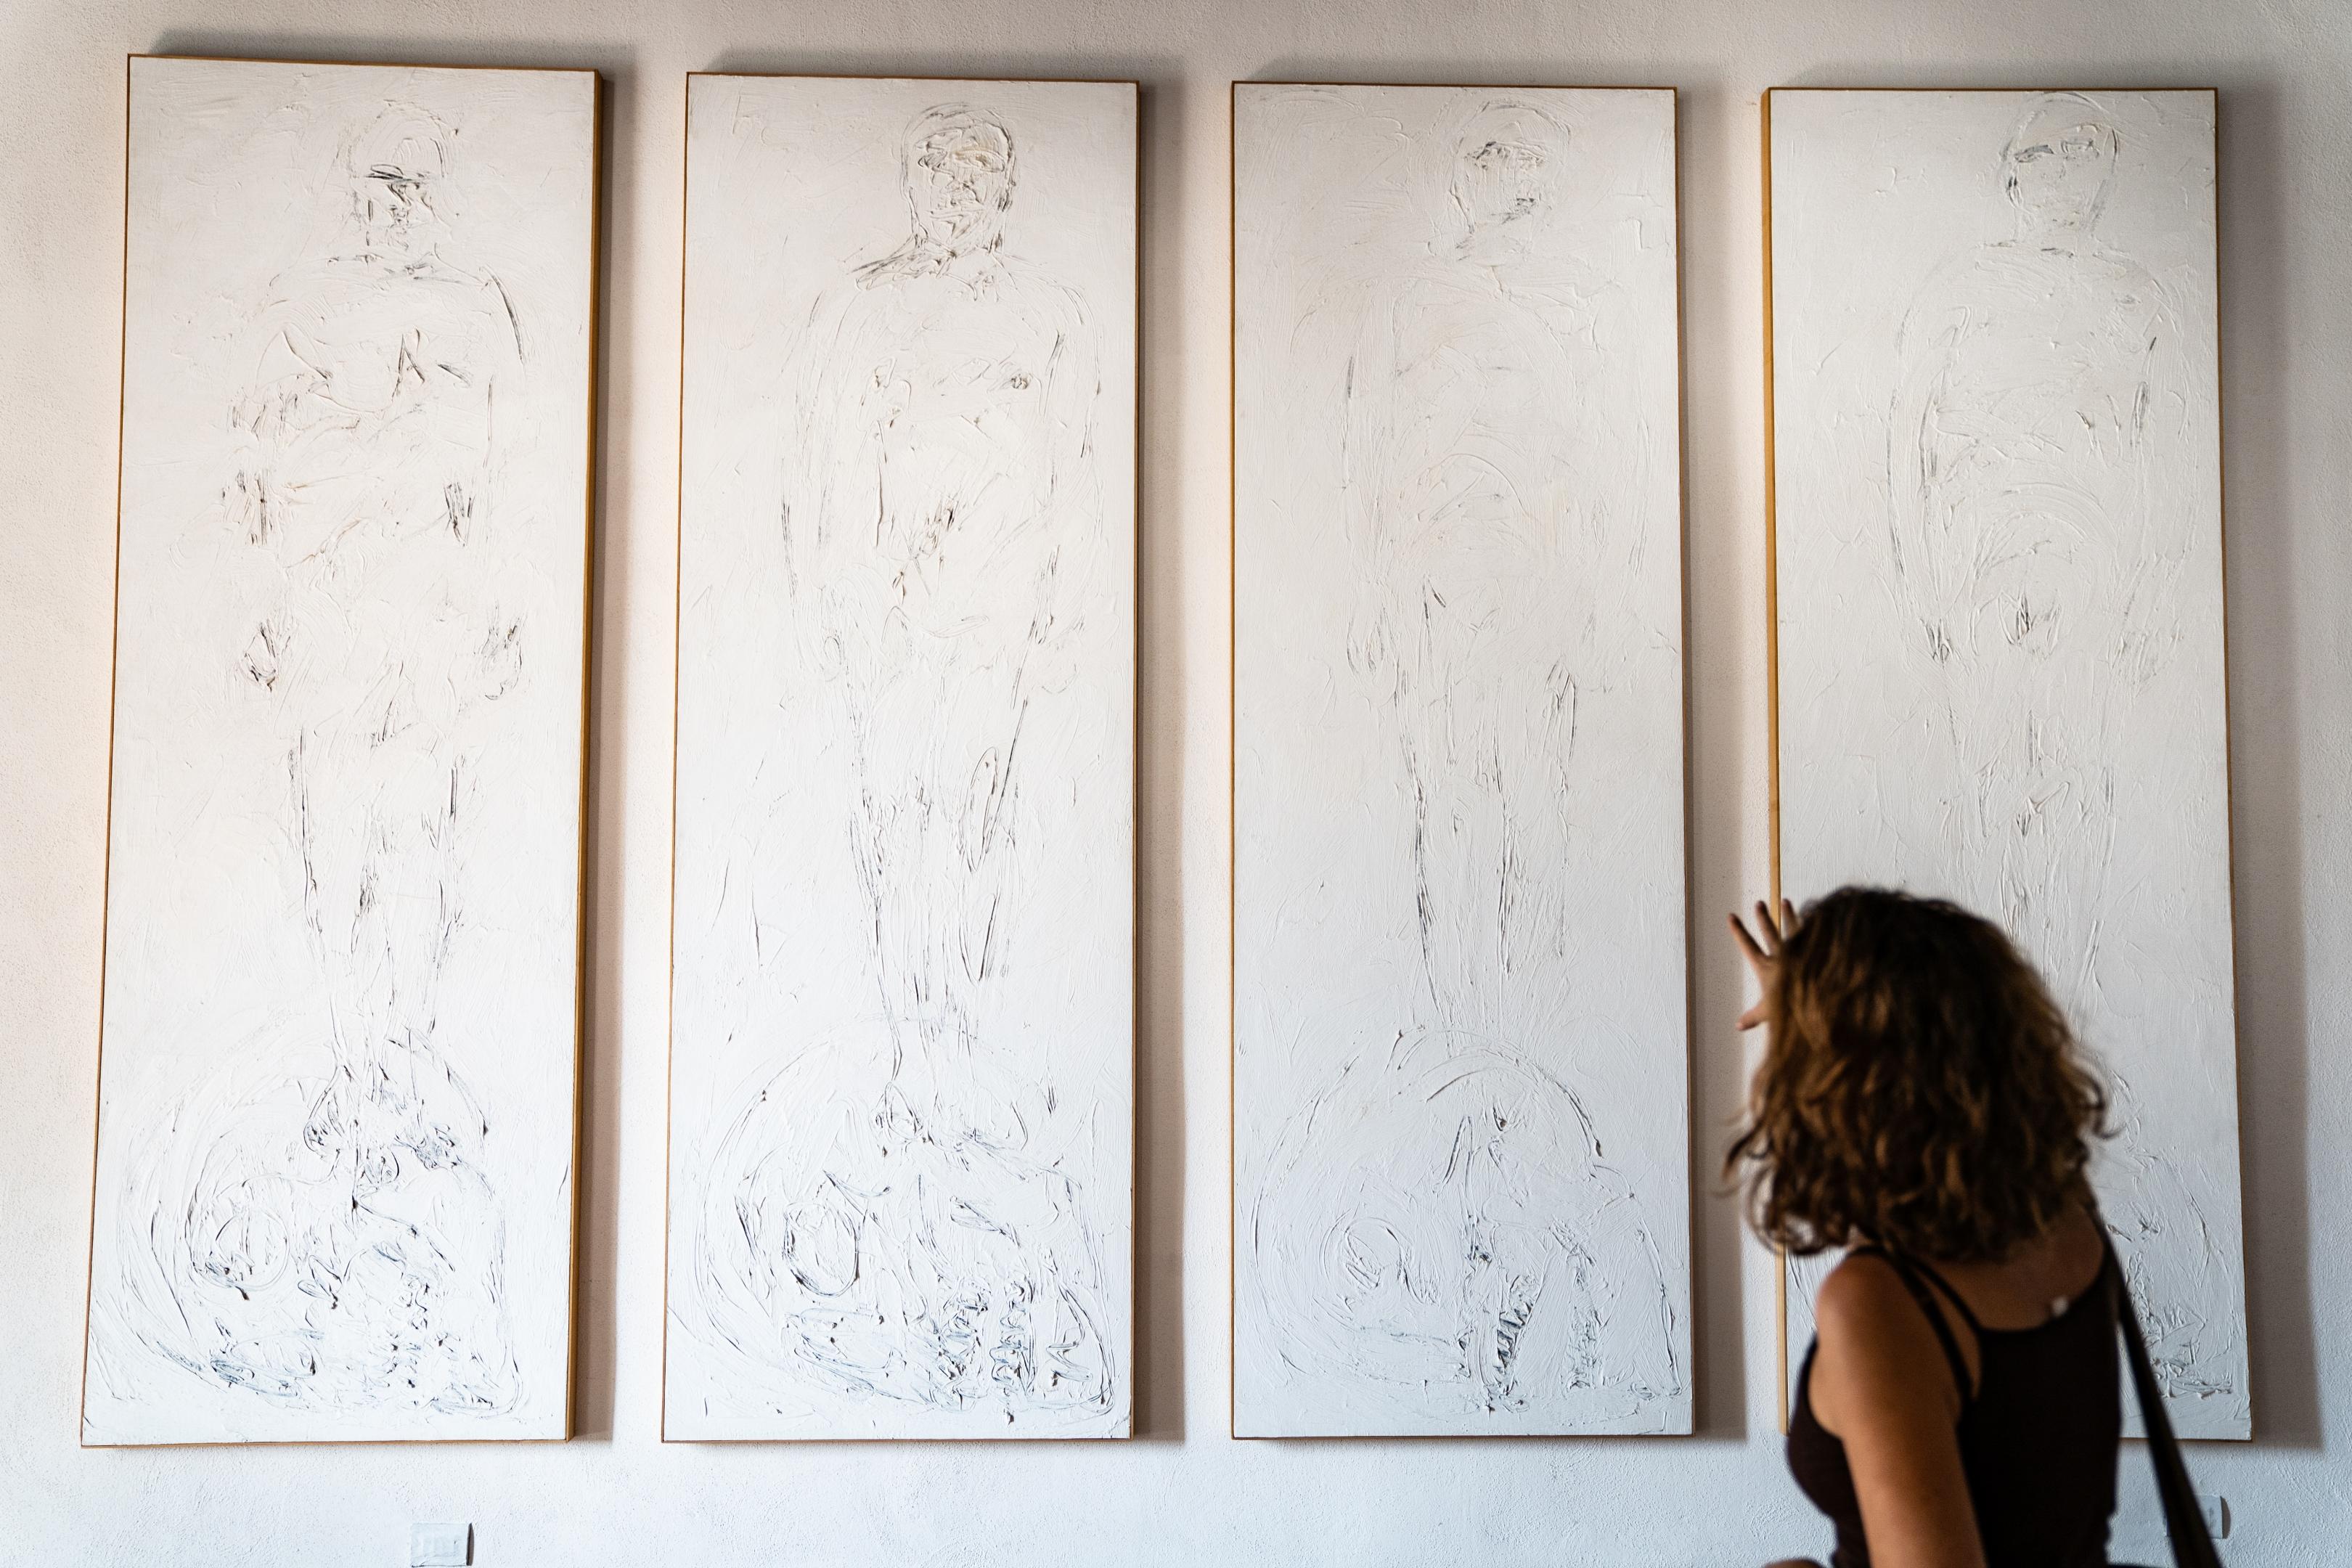 opere in mostra presso Castello Macchiaroli